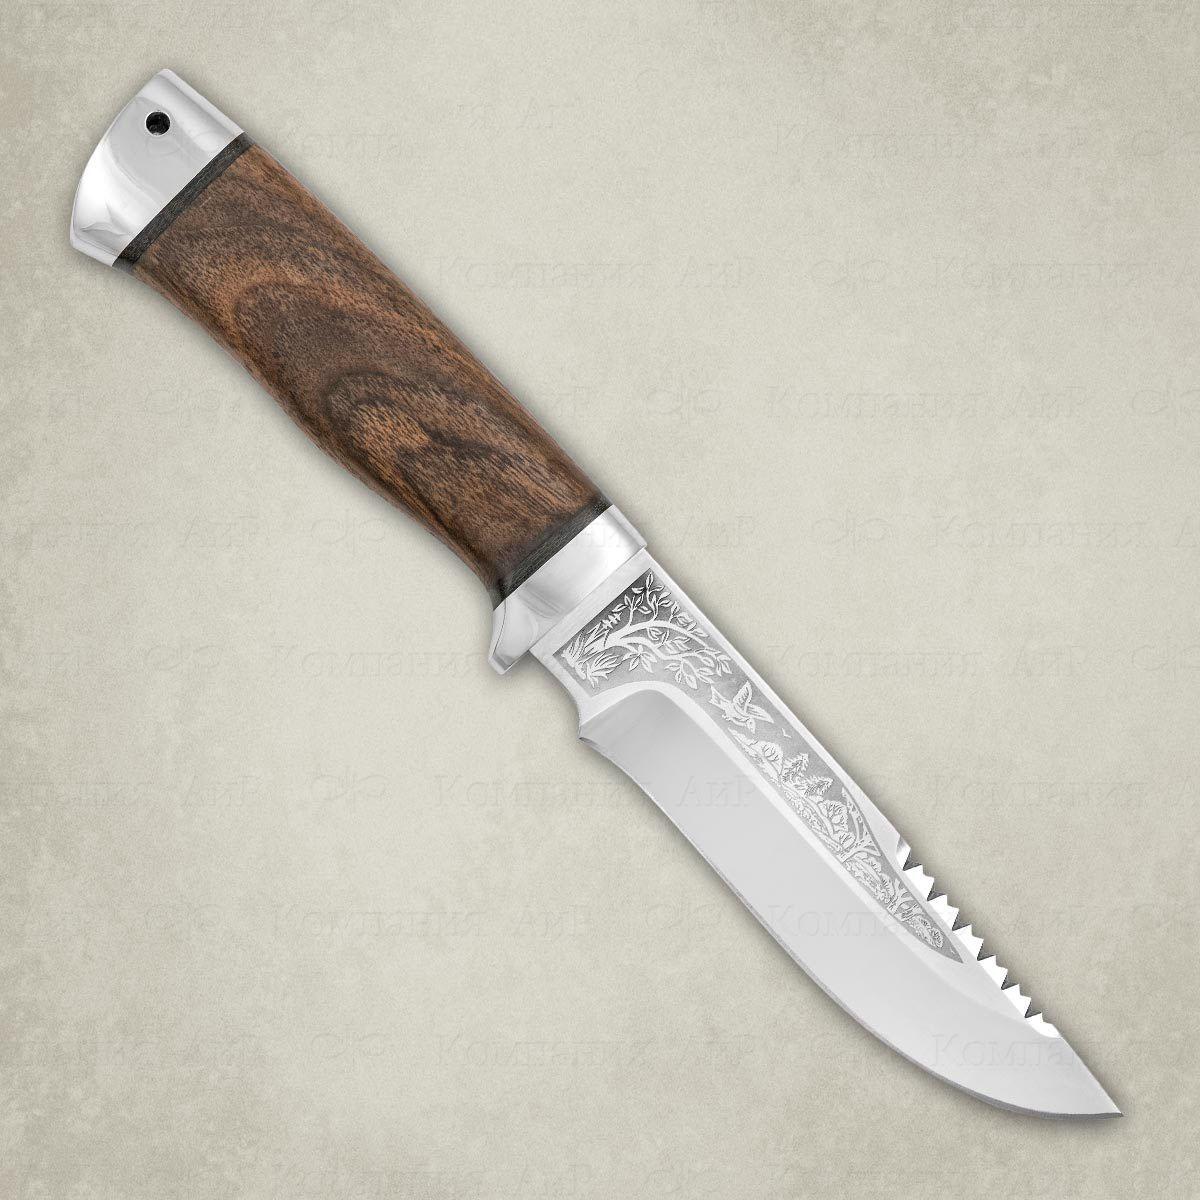 Фото - Нож АиР Стрелец, сталь Elmax, рукоять дерево складной нож wild west сталь elmax рукоять карбон